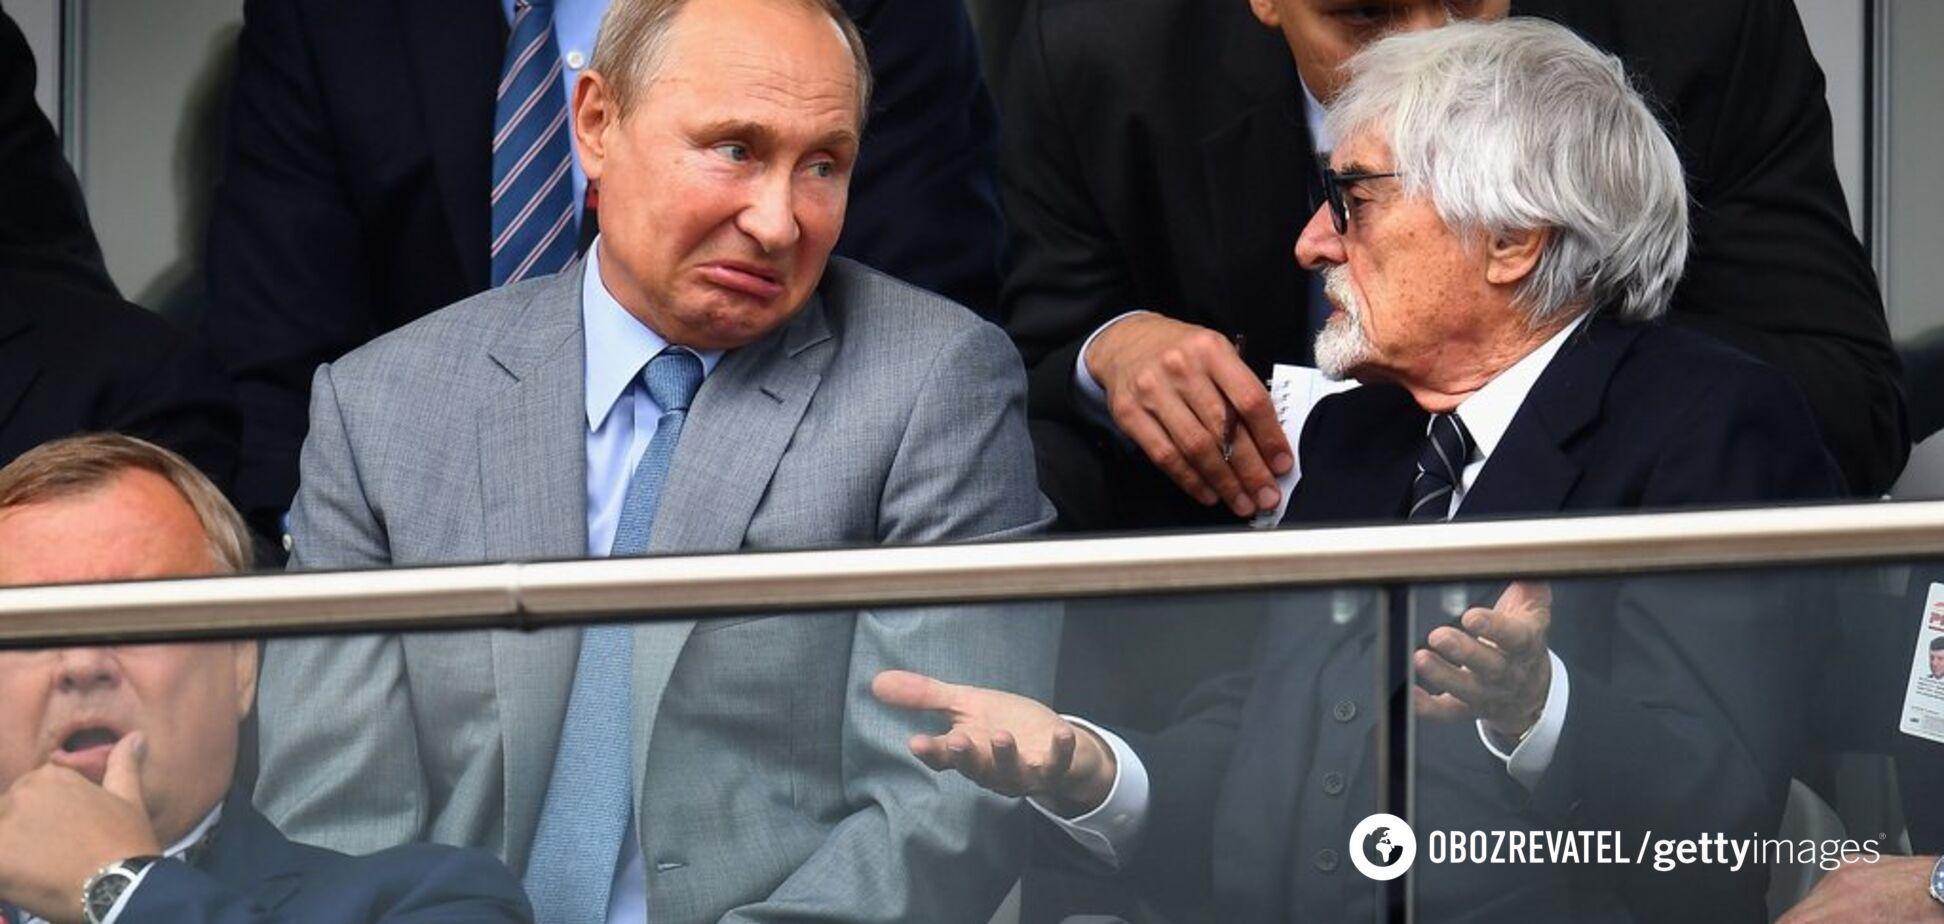 'Жаль, что Путин не захватит Европу': президент Формулы-1 шокировал признанием